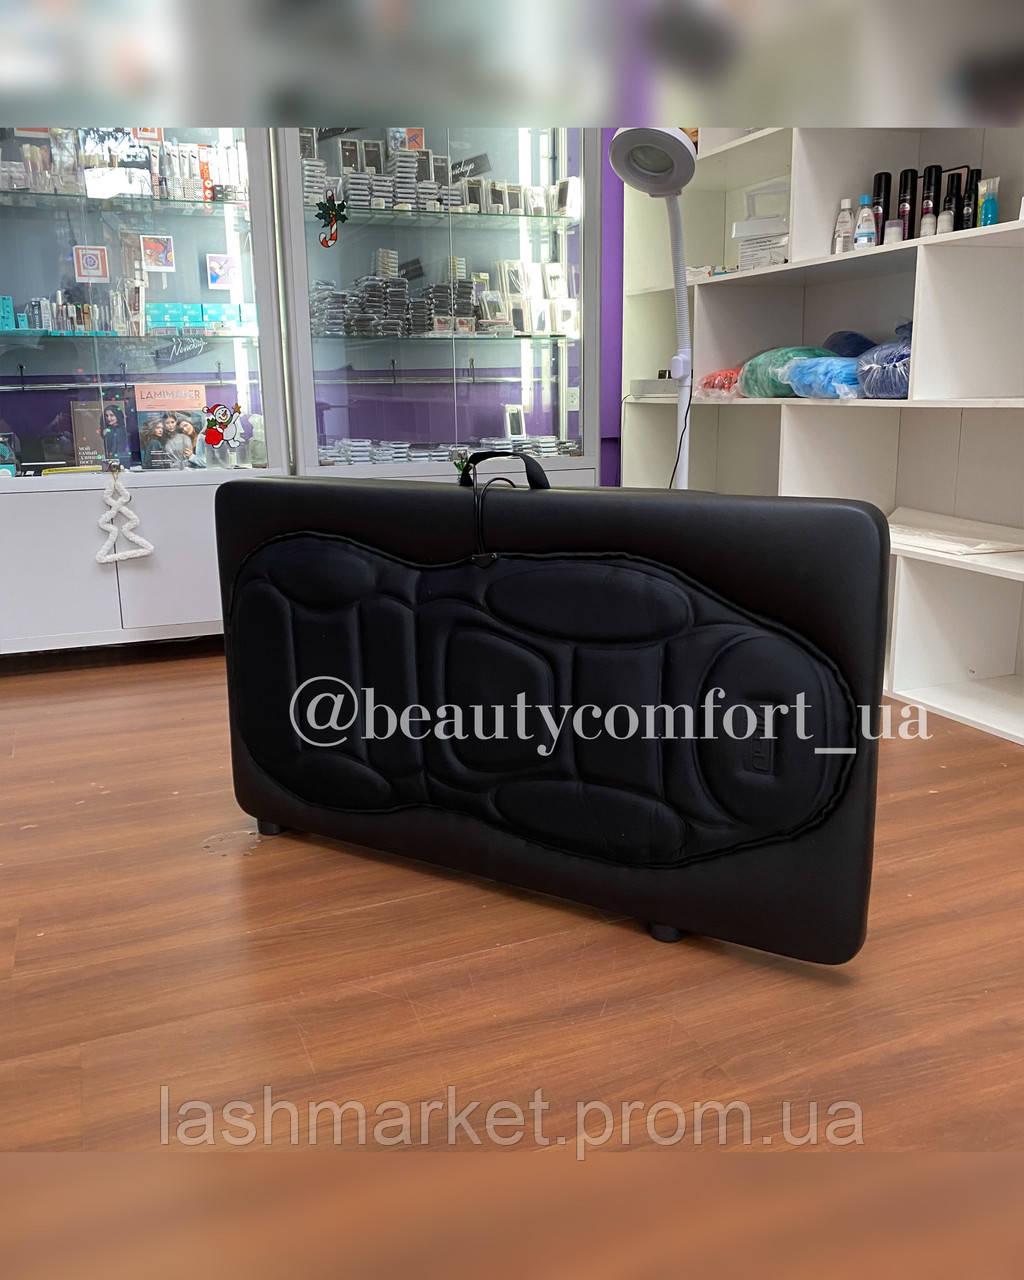 Кушетка косметологічна з масасжером на основі LASH STAR LIGHT MINI від ТМ Beauty Comfor